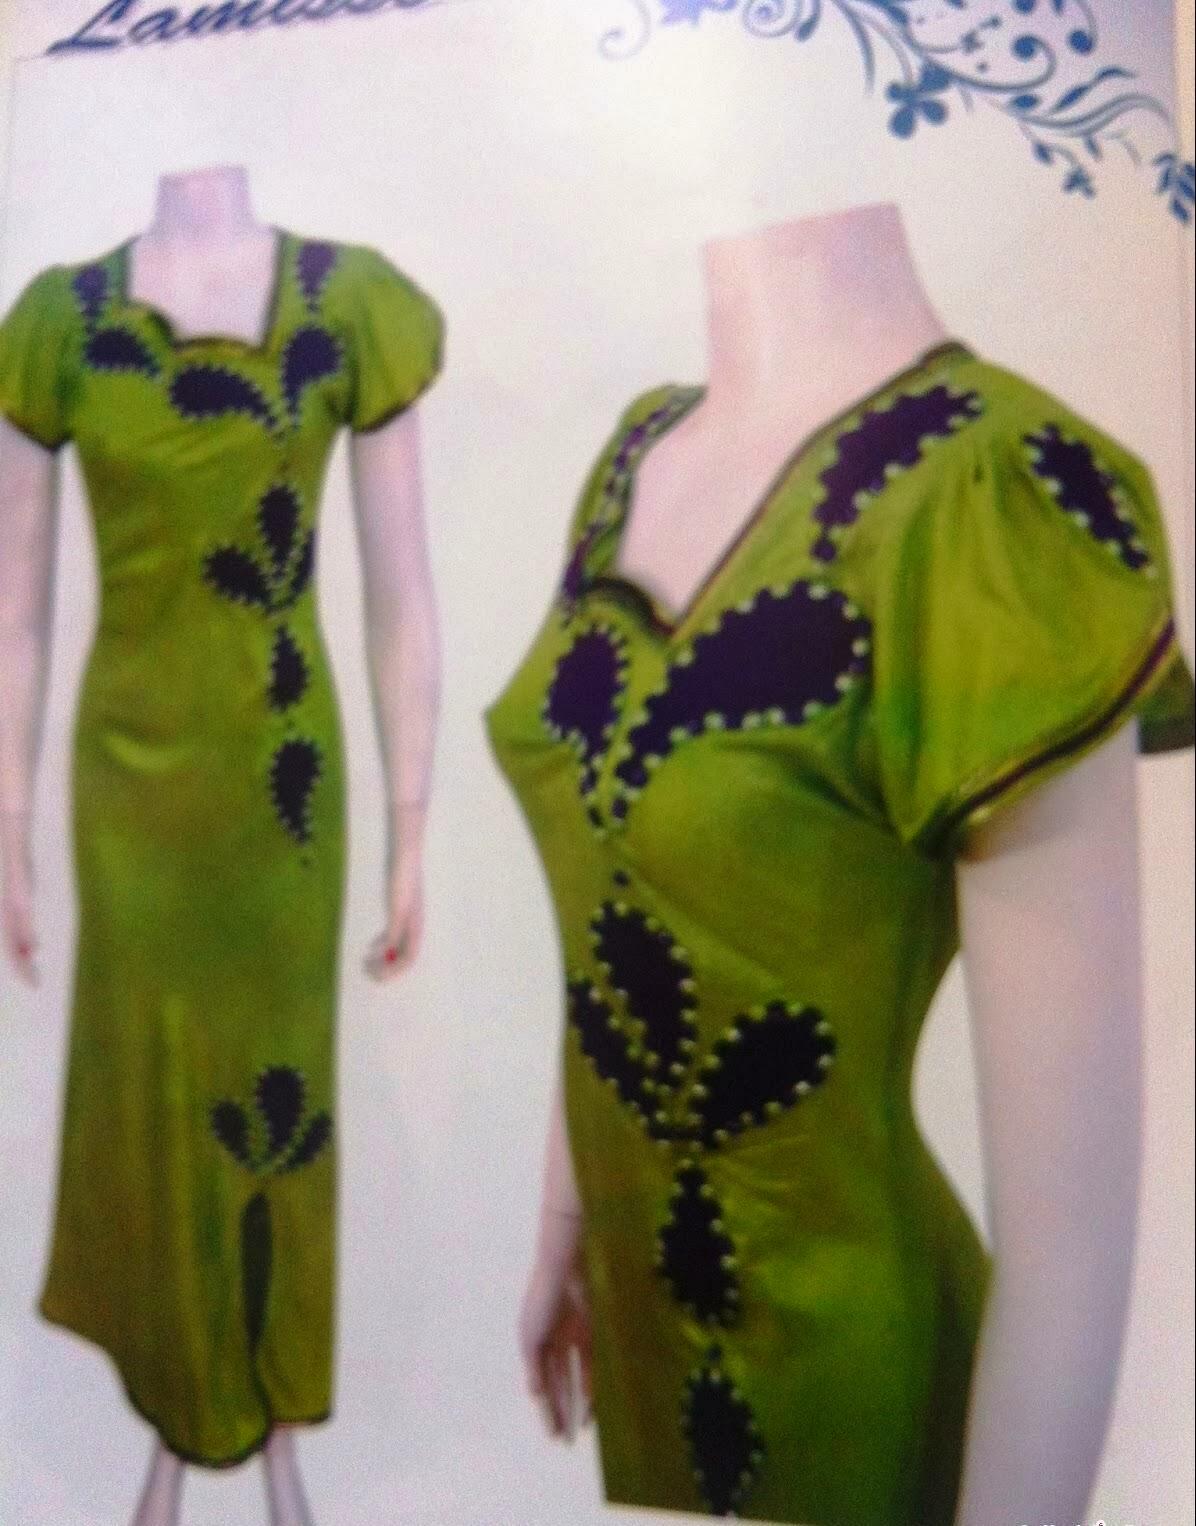 بالصور موديلات فساتين جزائرية صيفية , اروع ستايل لفستان صيف جزائرى 3114 4